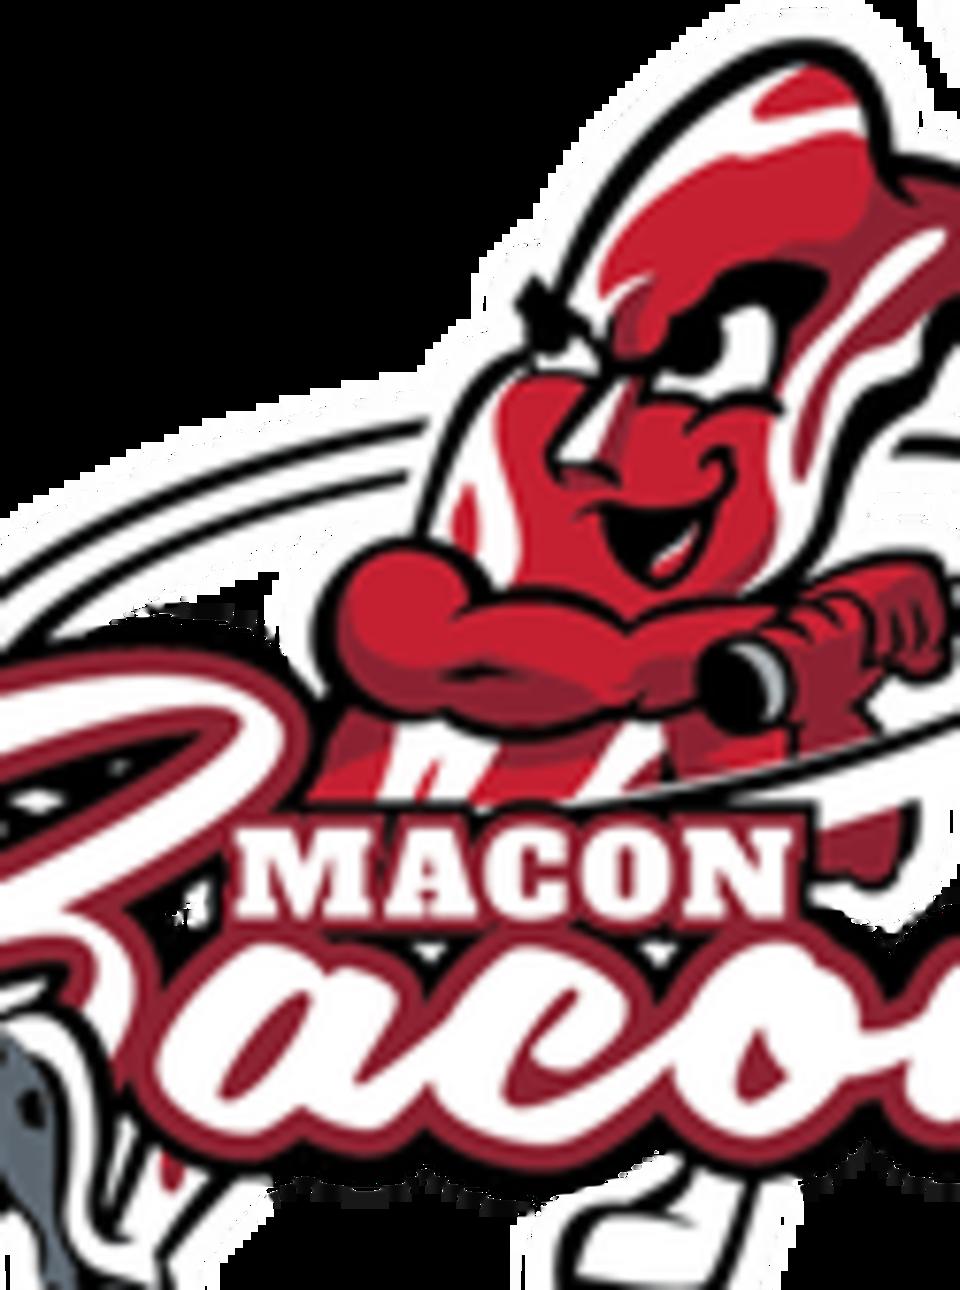 Macon Bacon Hosting Design A Shirt Contest Wgxa